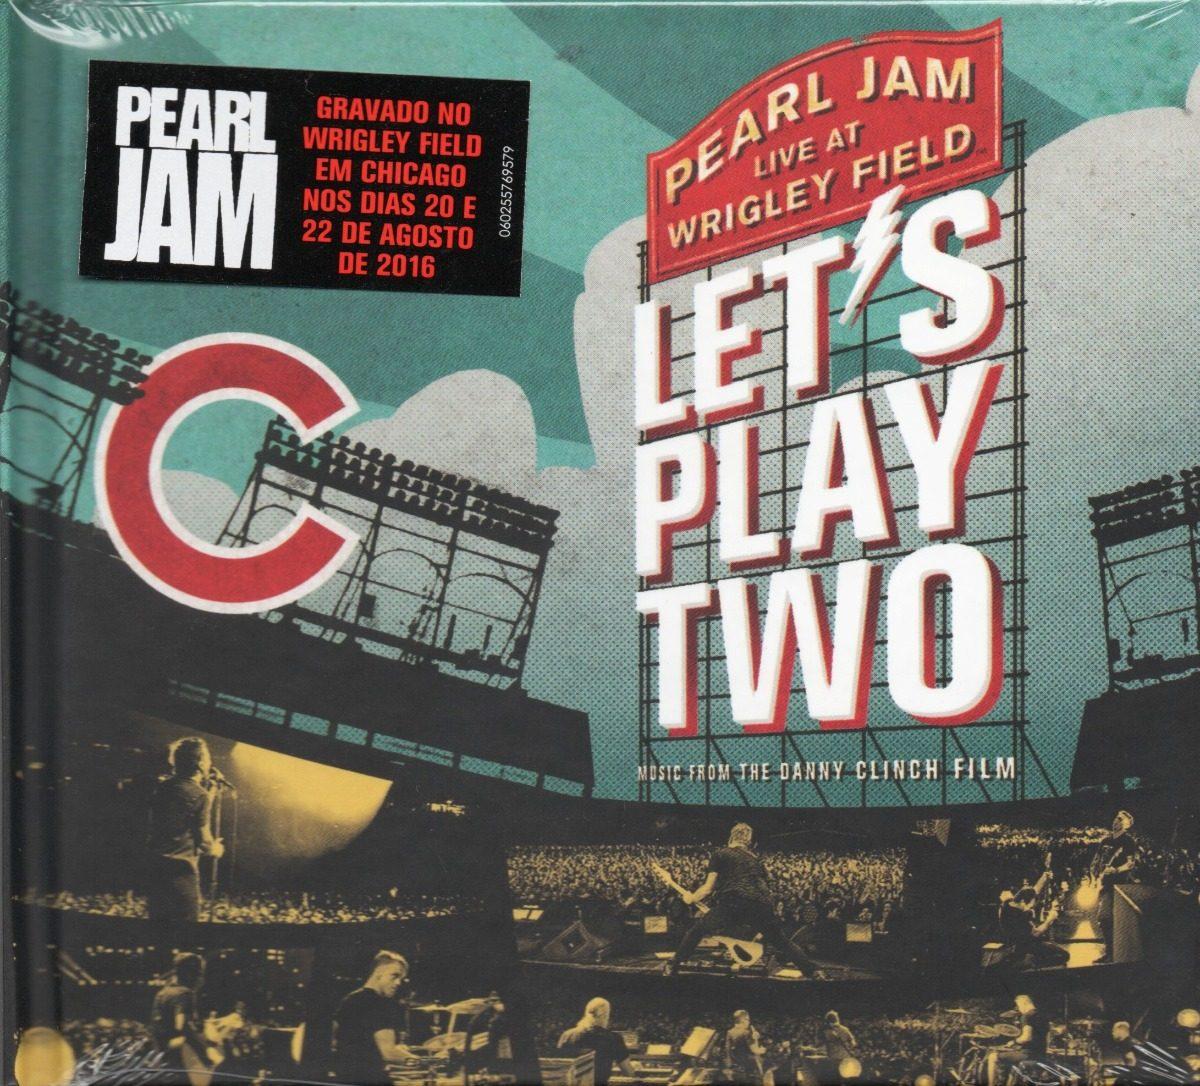 pearl jam cd let's play two novo lacrado frete gratis - r$ 69,90 em